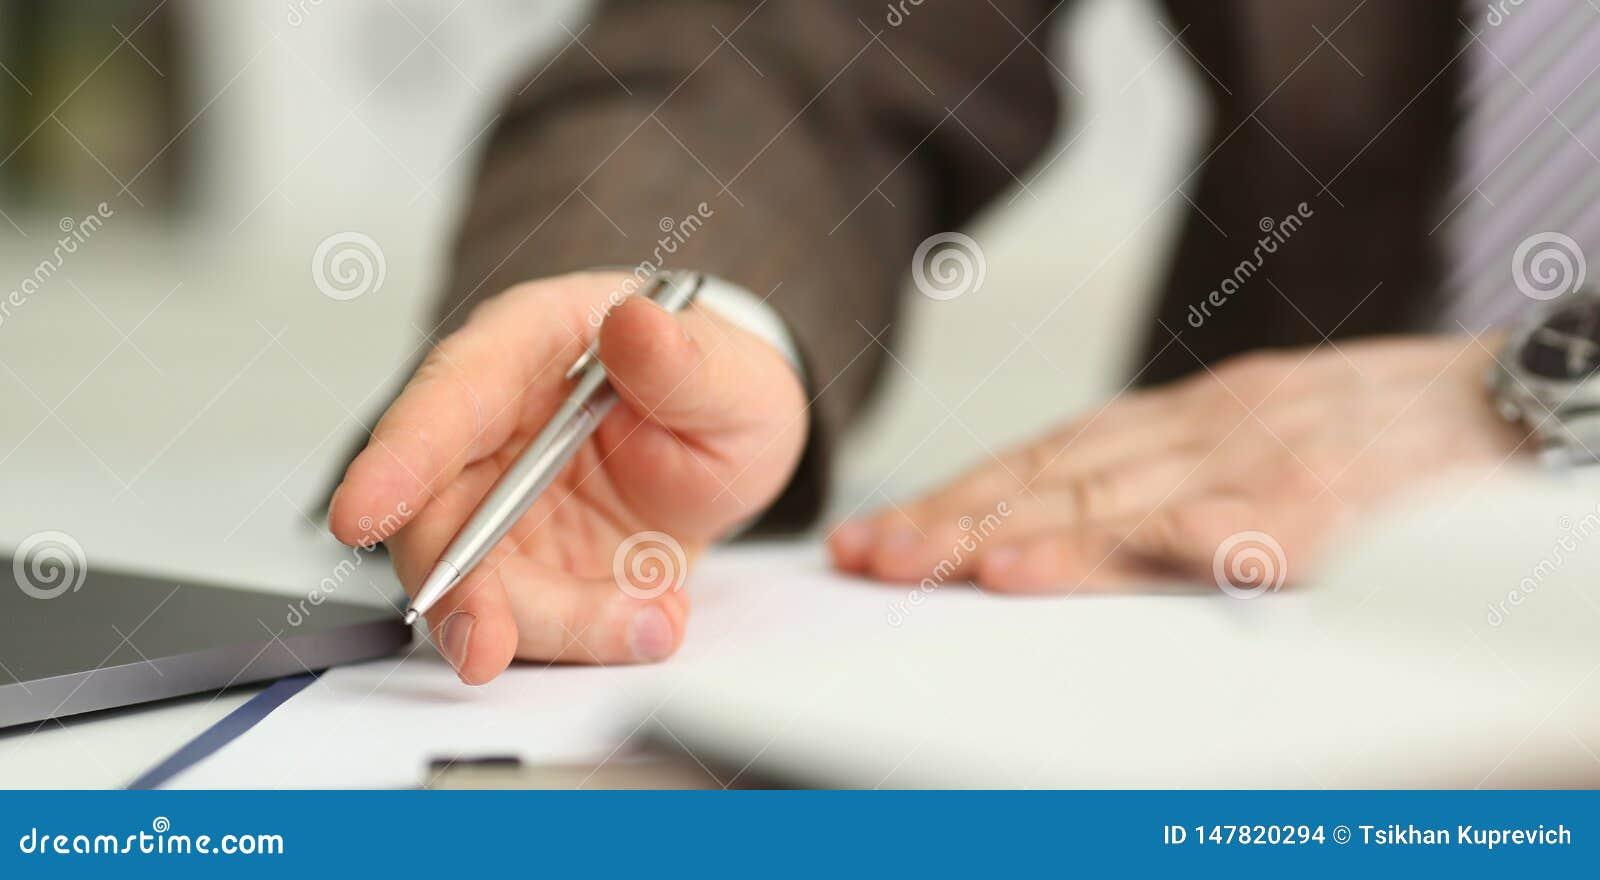 M?nnlicher Arm im Anzug und Bindung halten silbernen Stift